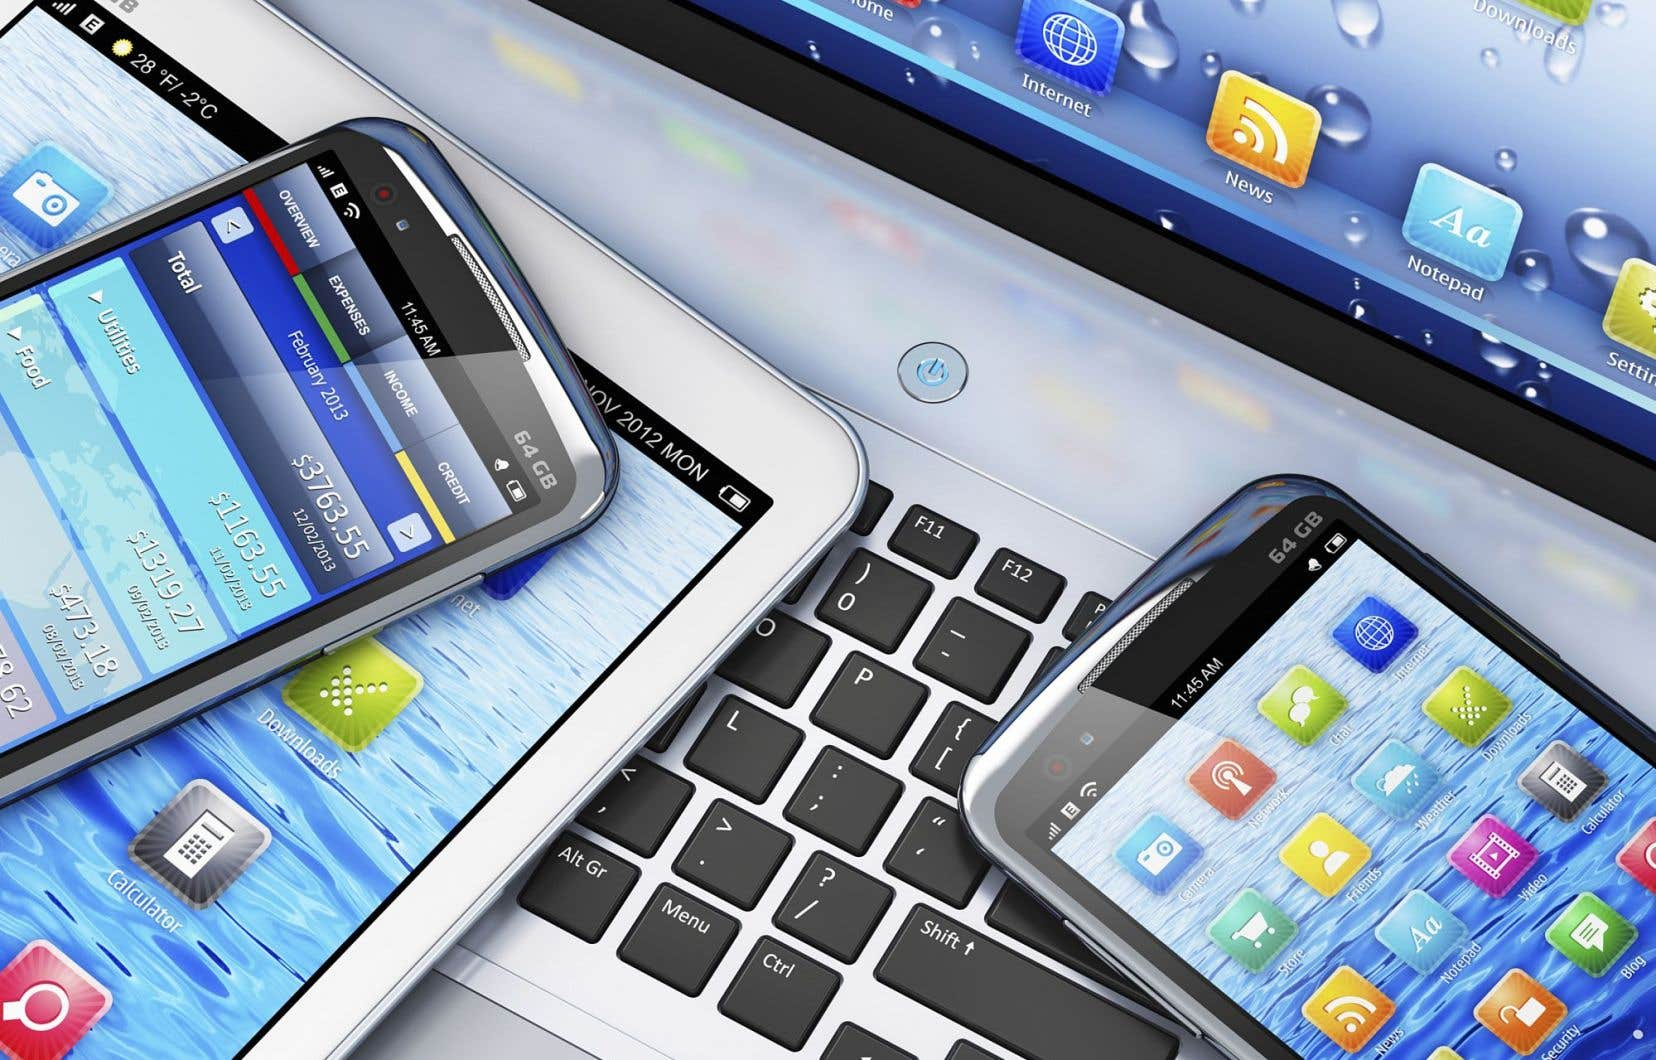 Le phénomène de la désintoxication numérique est né au cœur de la Silicon Valley, là où, comble de l'ironie, les enfants des cadres d'Apple et de Google fréquentent des écoles qui leur apprennent à vivre sans ordinateur ni télévision.